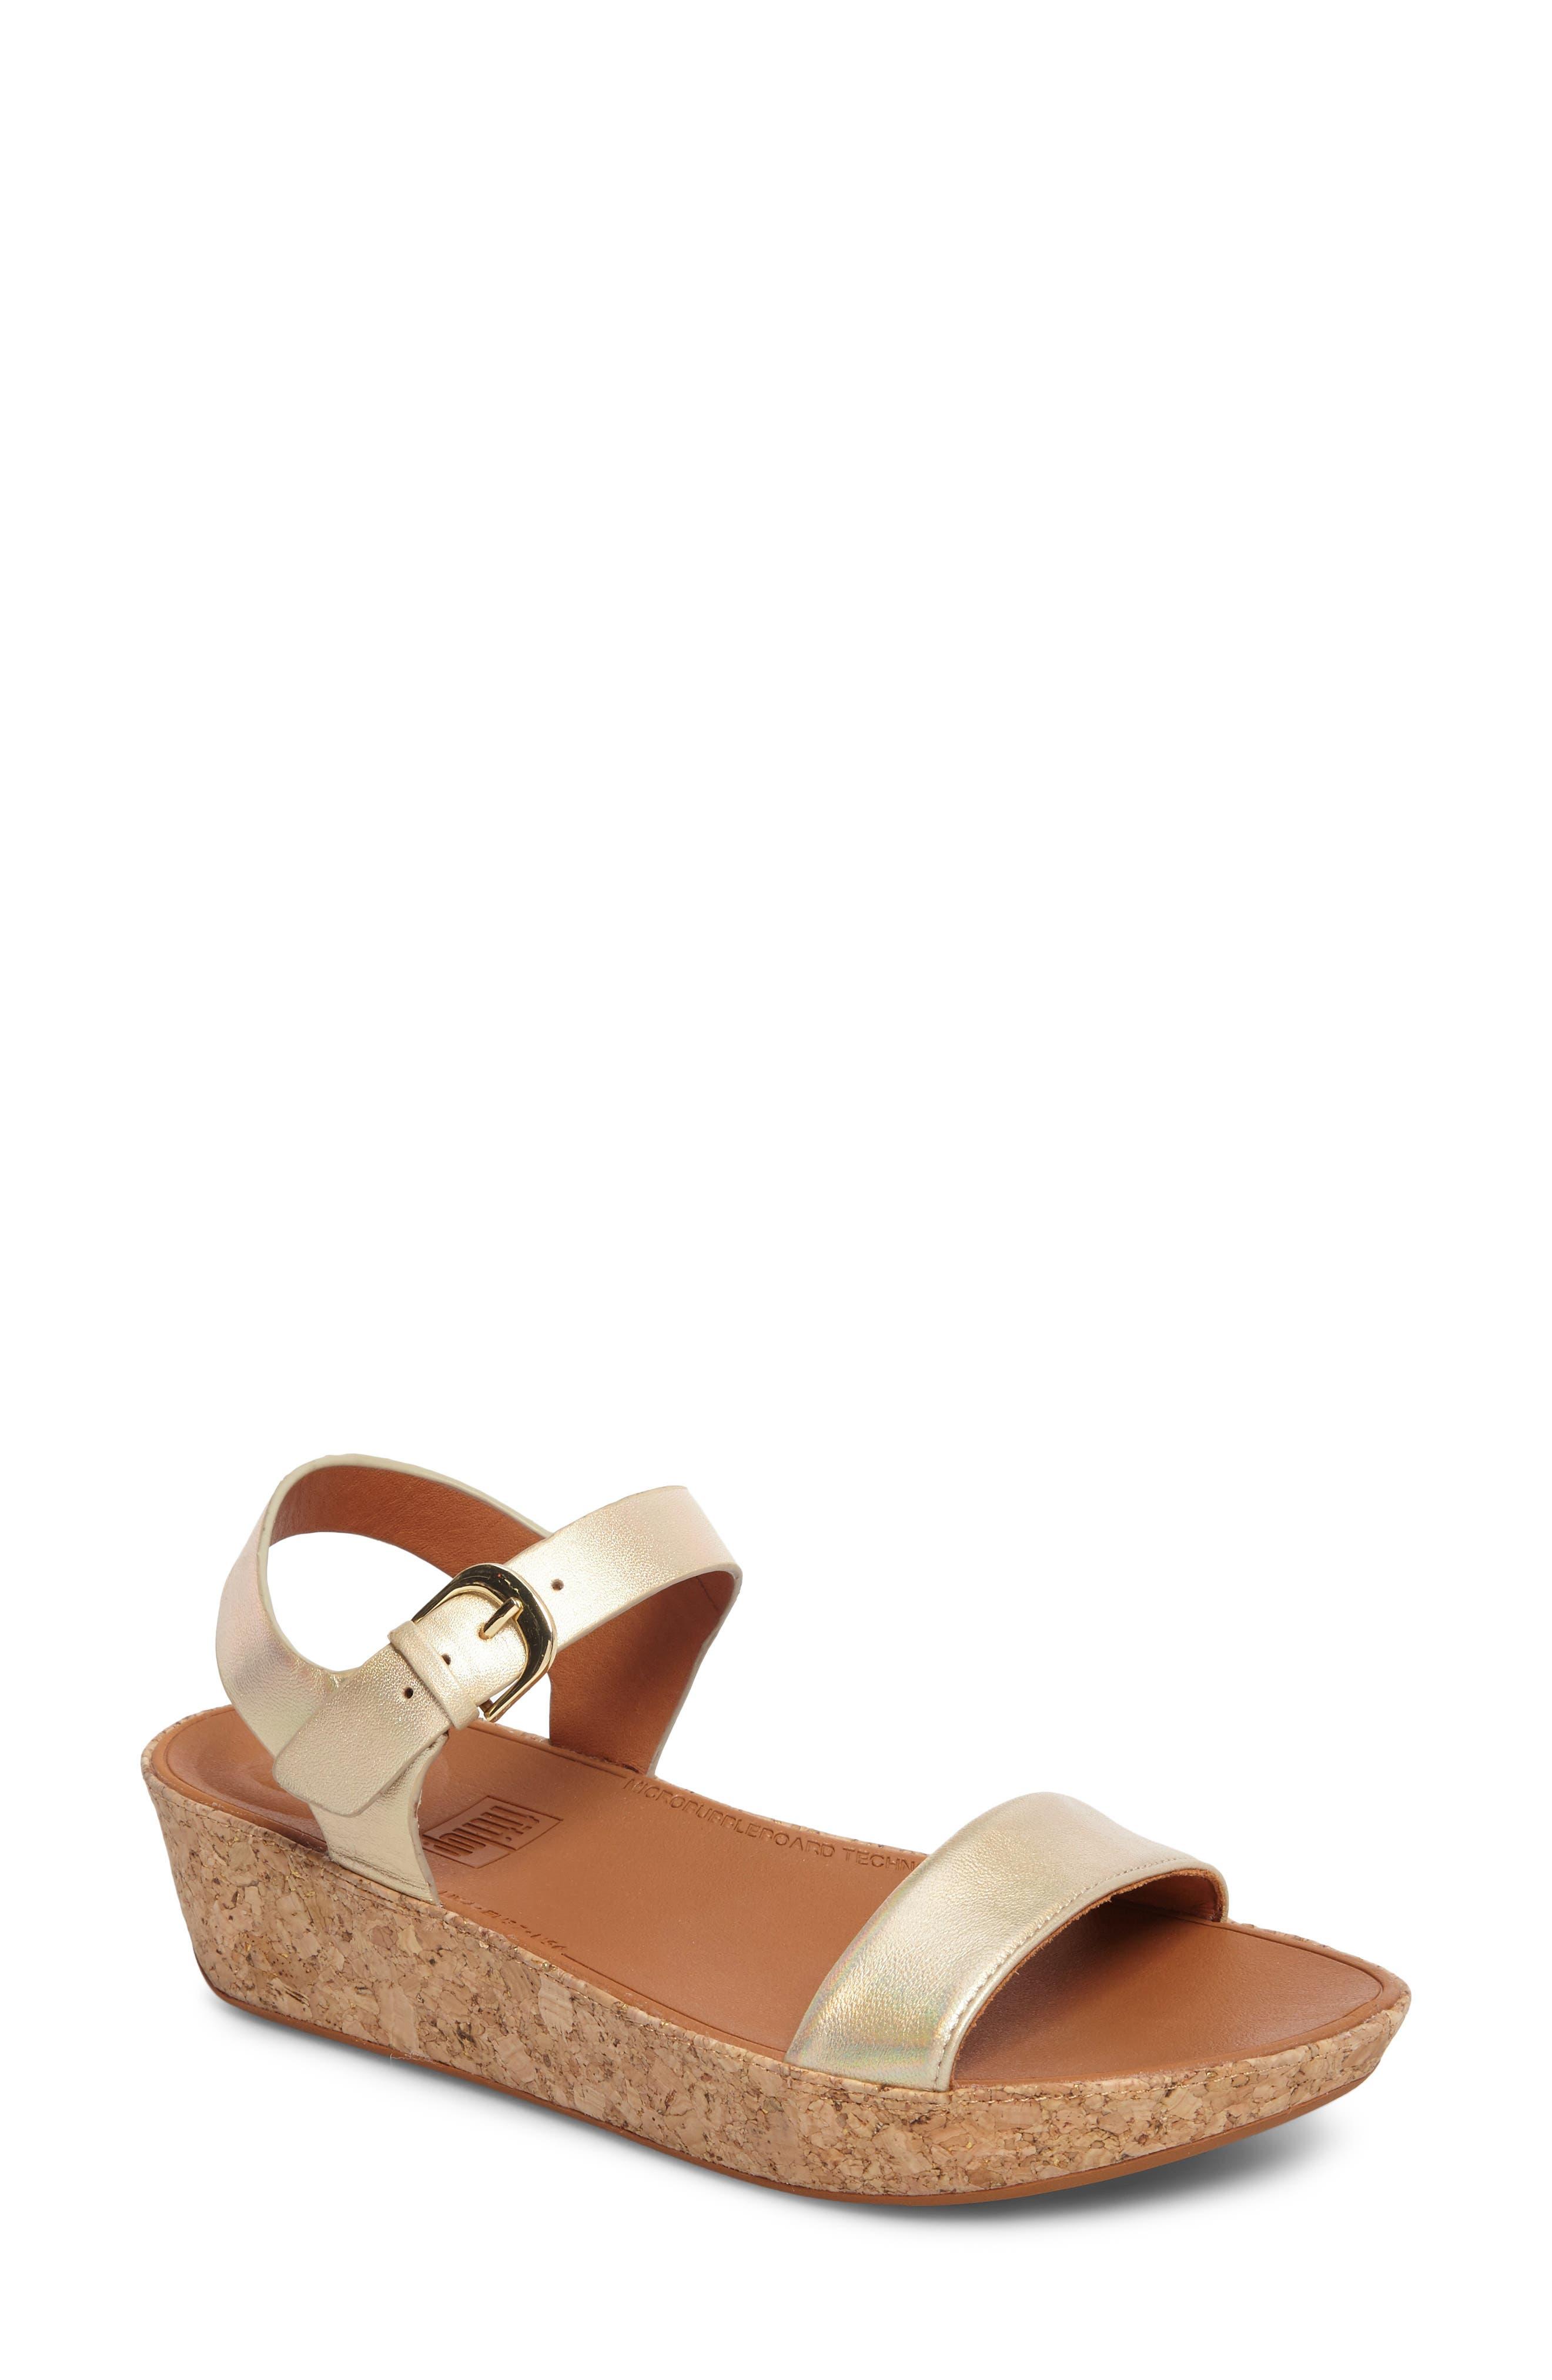 Womens Bon Platform Sandals FitFlop uyjjVW